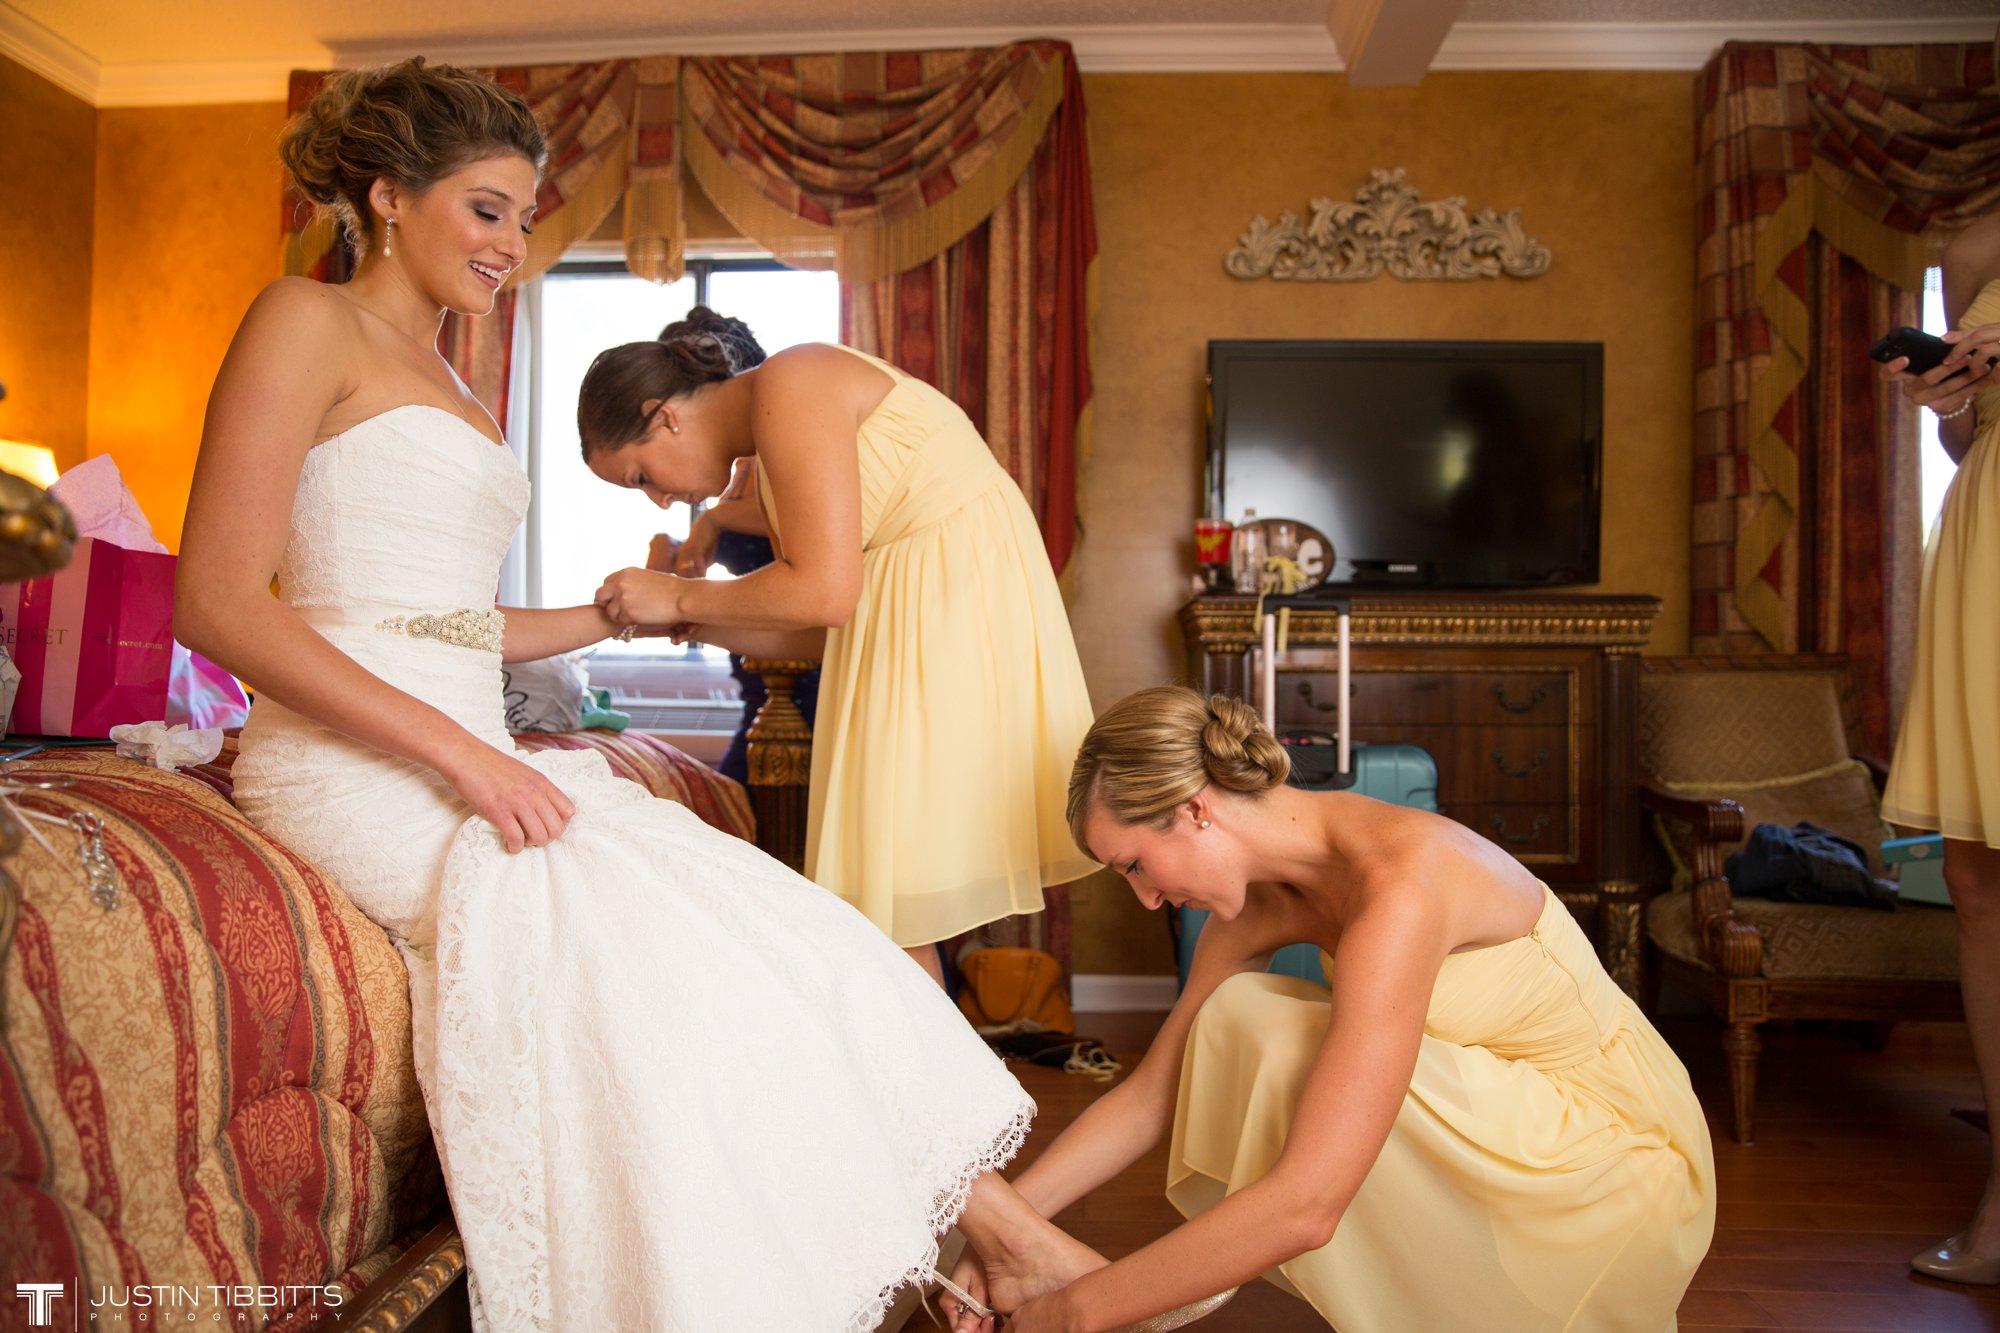 Albany NY Wedding Photographer Justin Tibbitts Photography Best of Albany NY Weddings 201489